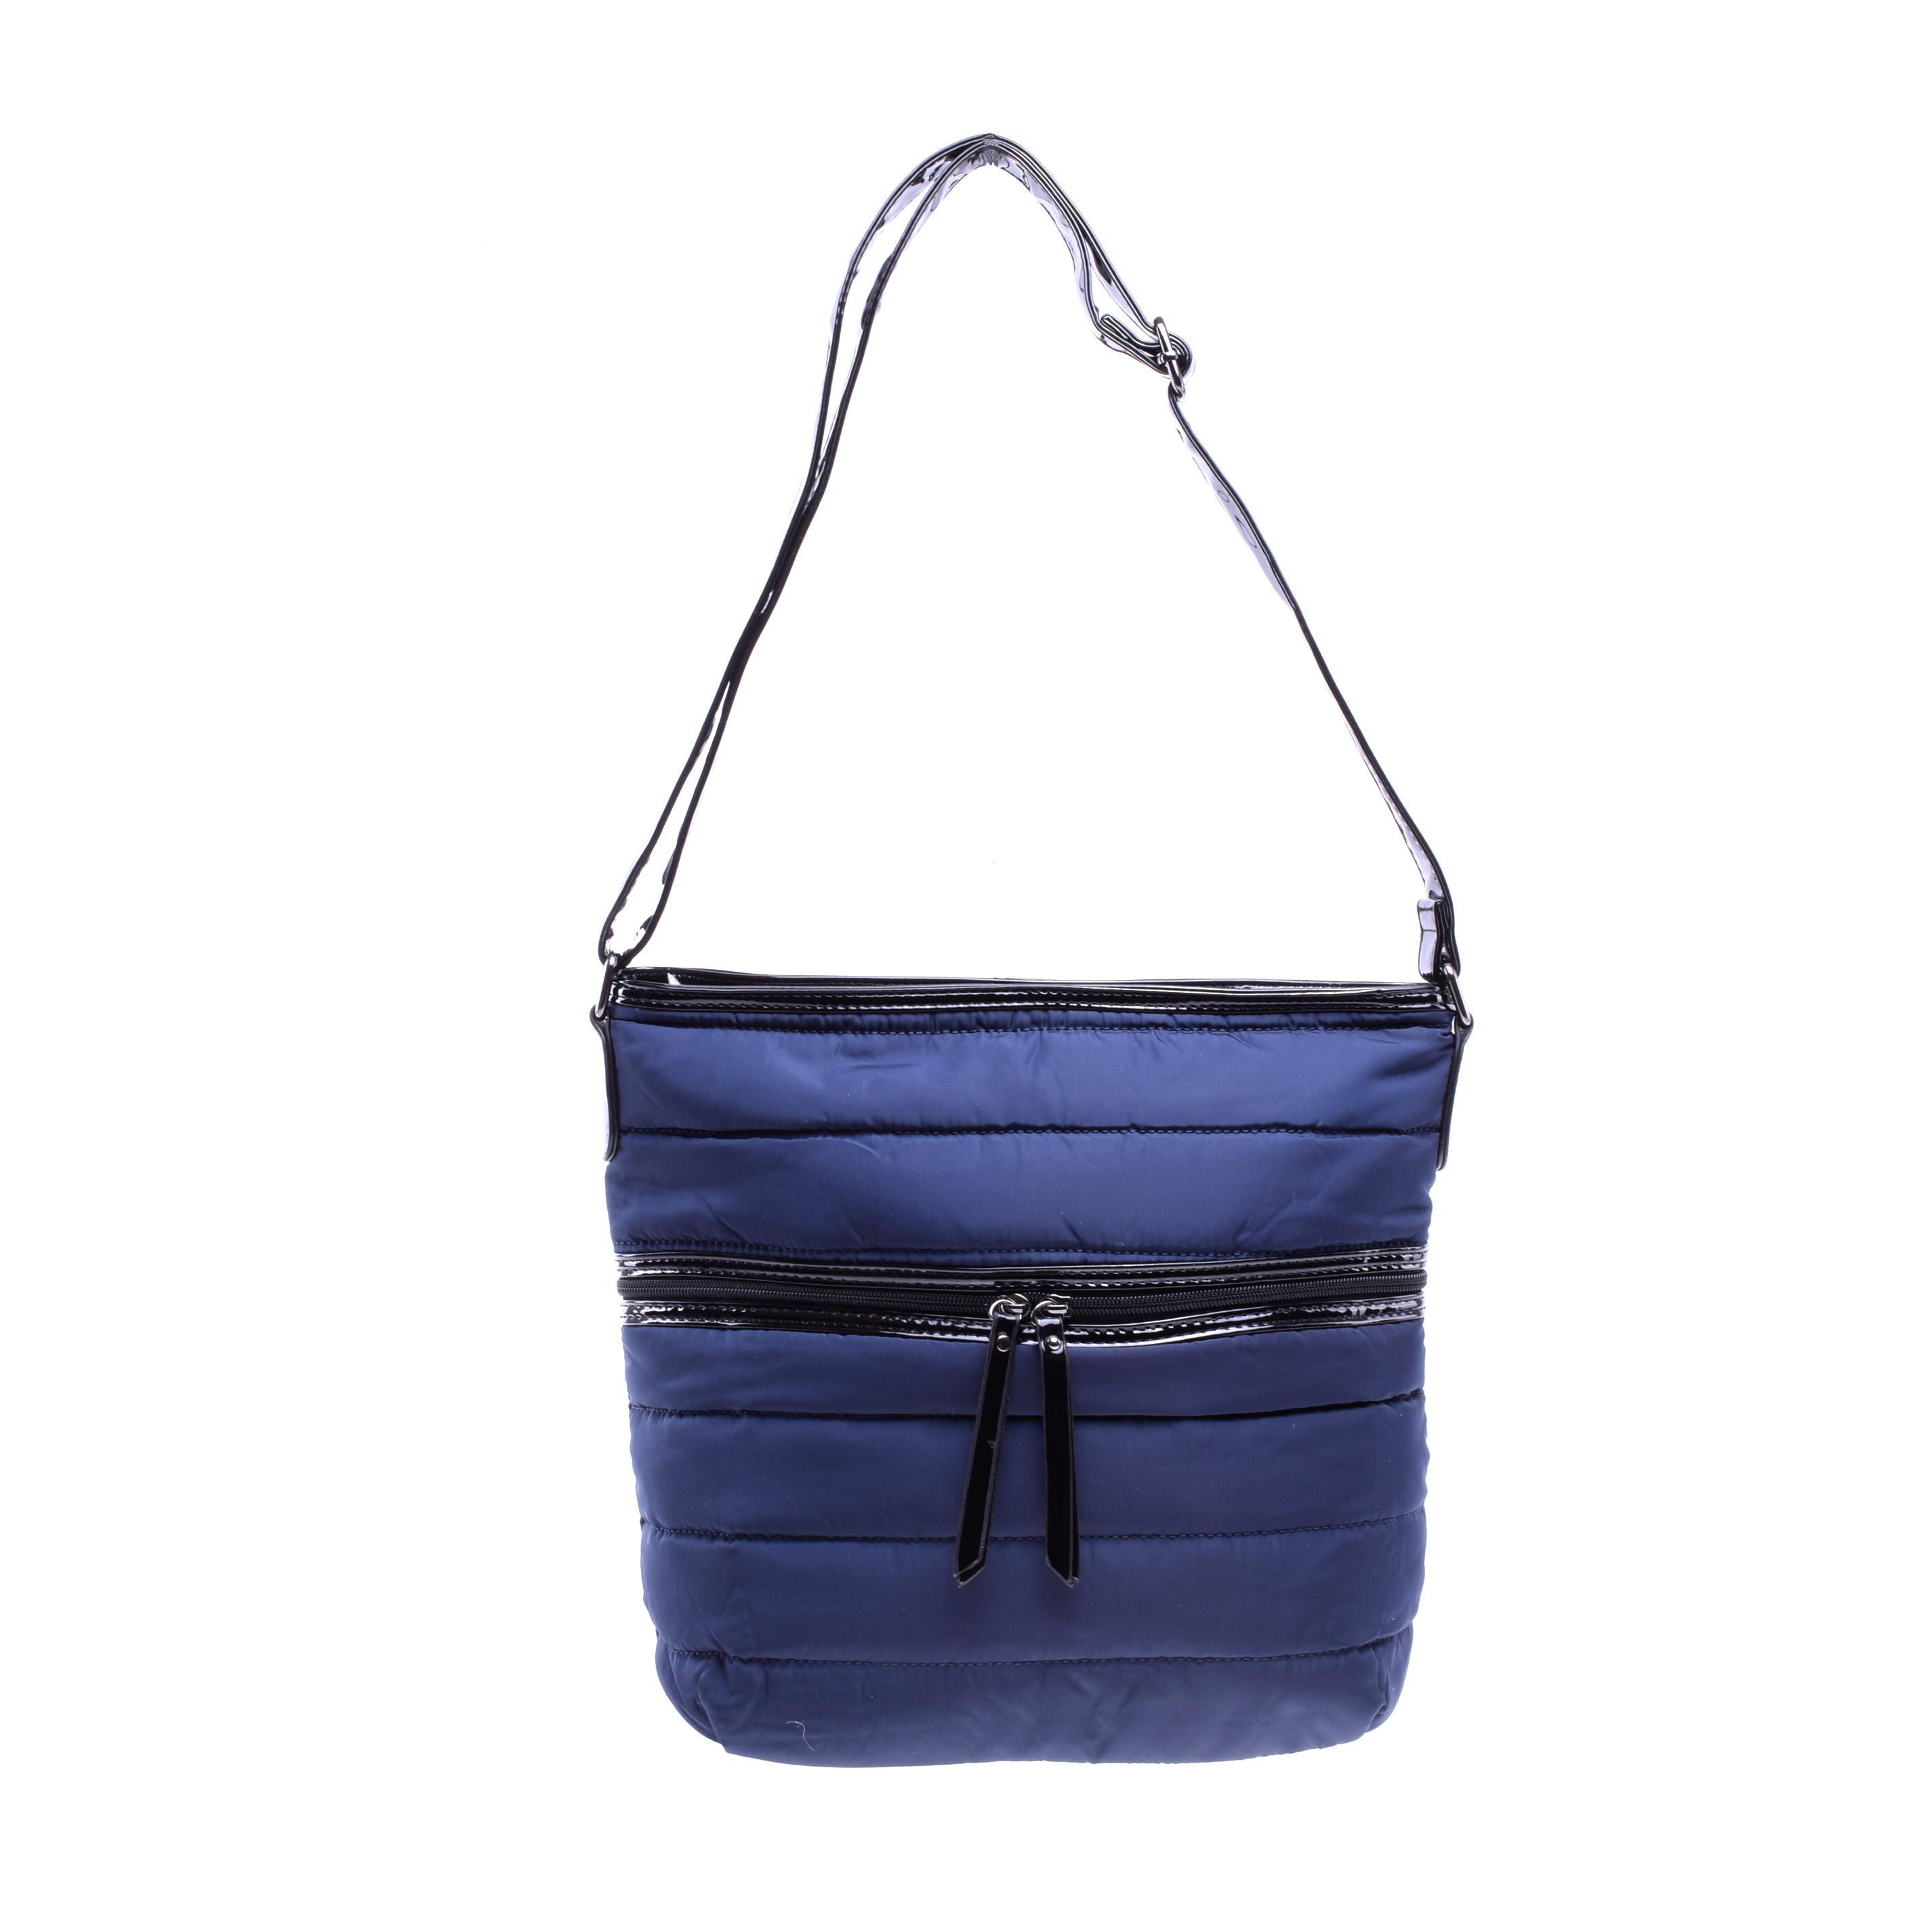 Besty Női Vízhatlan Pvc Oldaltáska Kék - Átvetős Oldaltáskák - Táska  webáruház - Minőségi táskák mindenkinek 85564d37c8